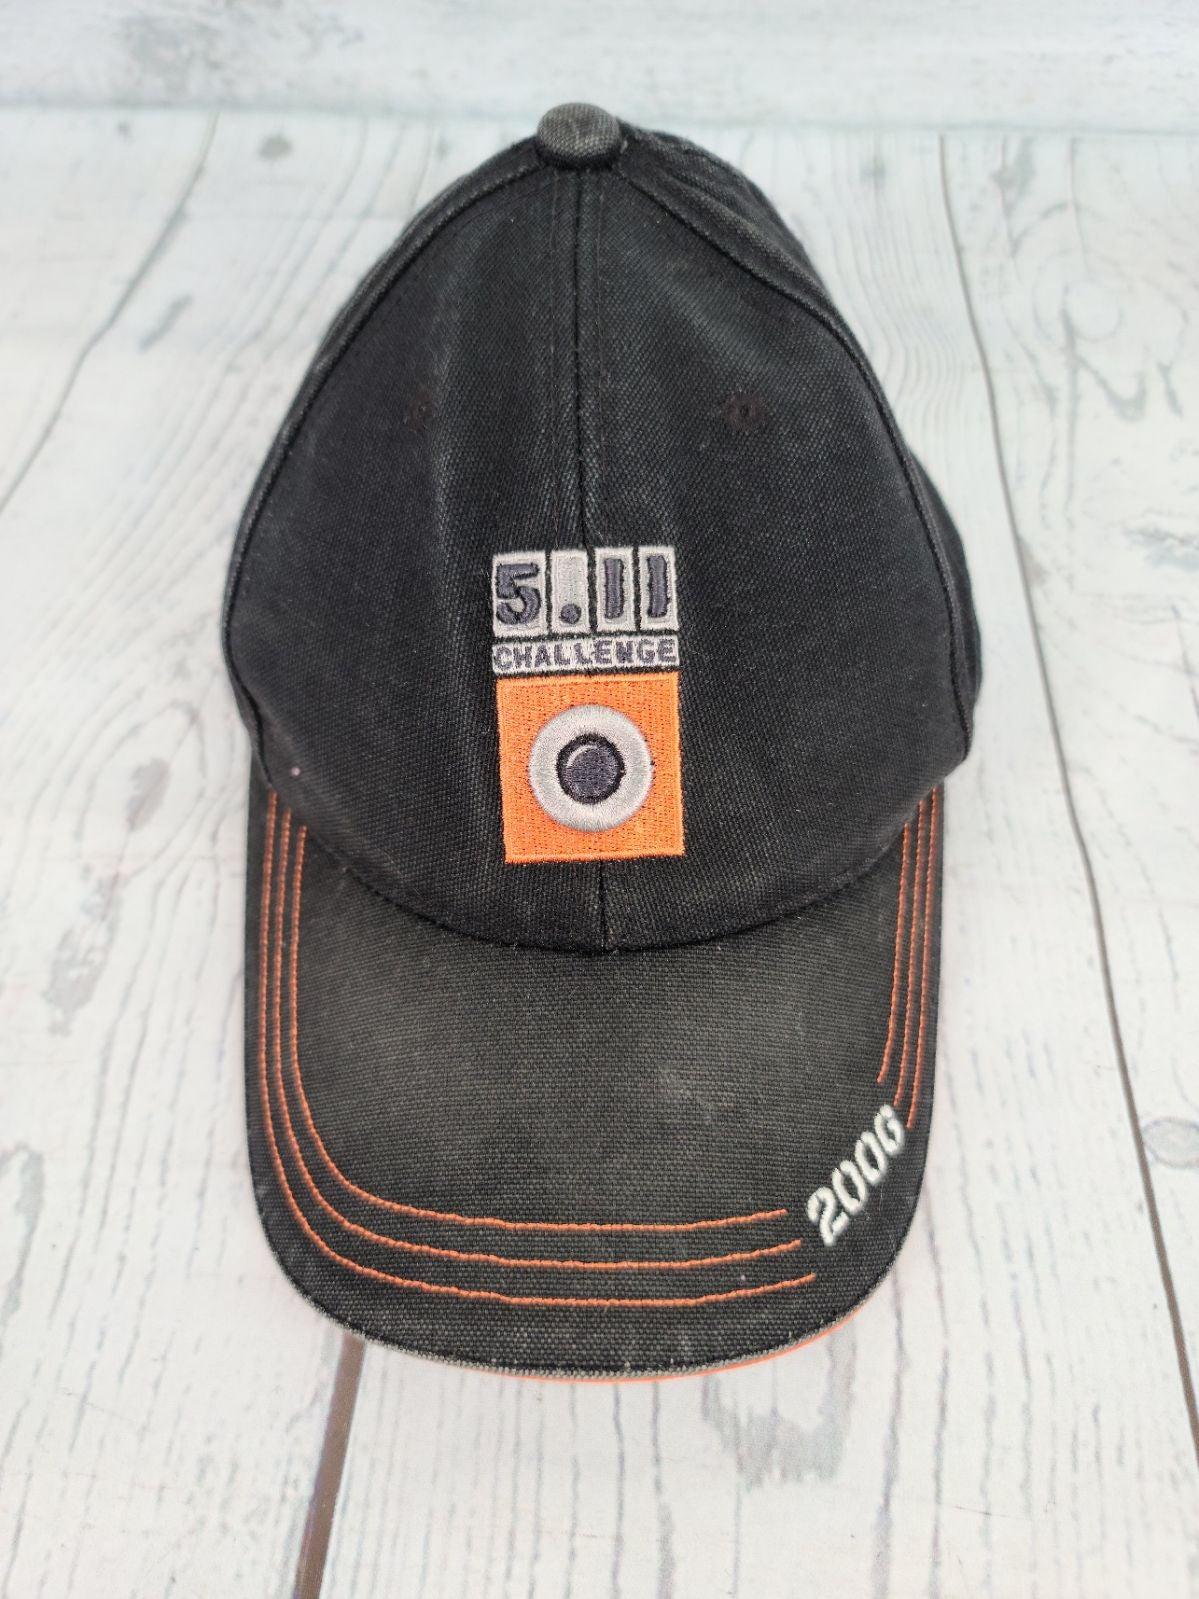 5.11 Challenge Tactical Series 2006 Hat